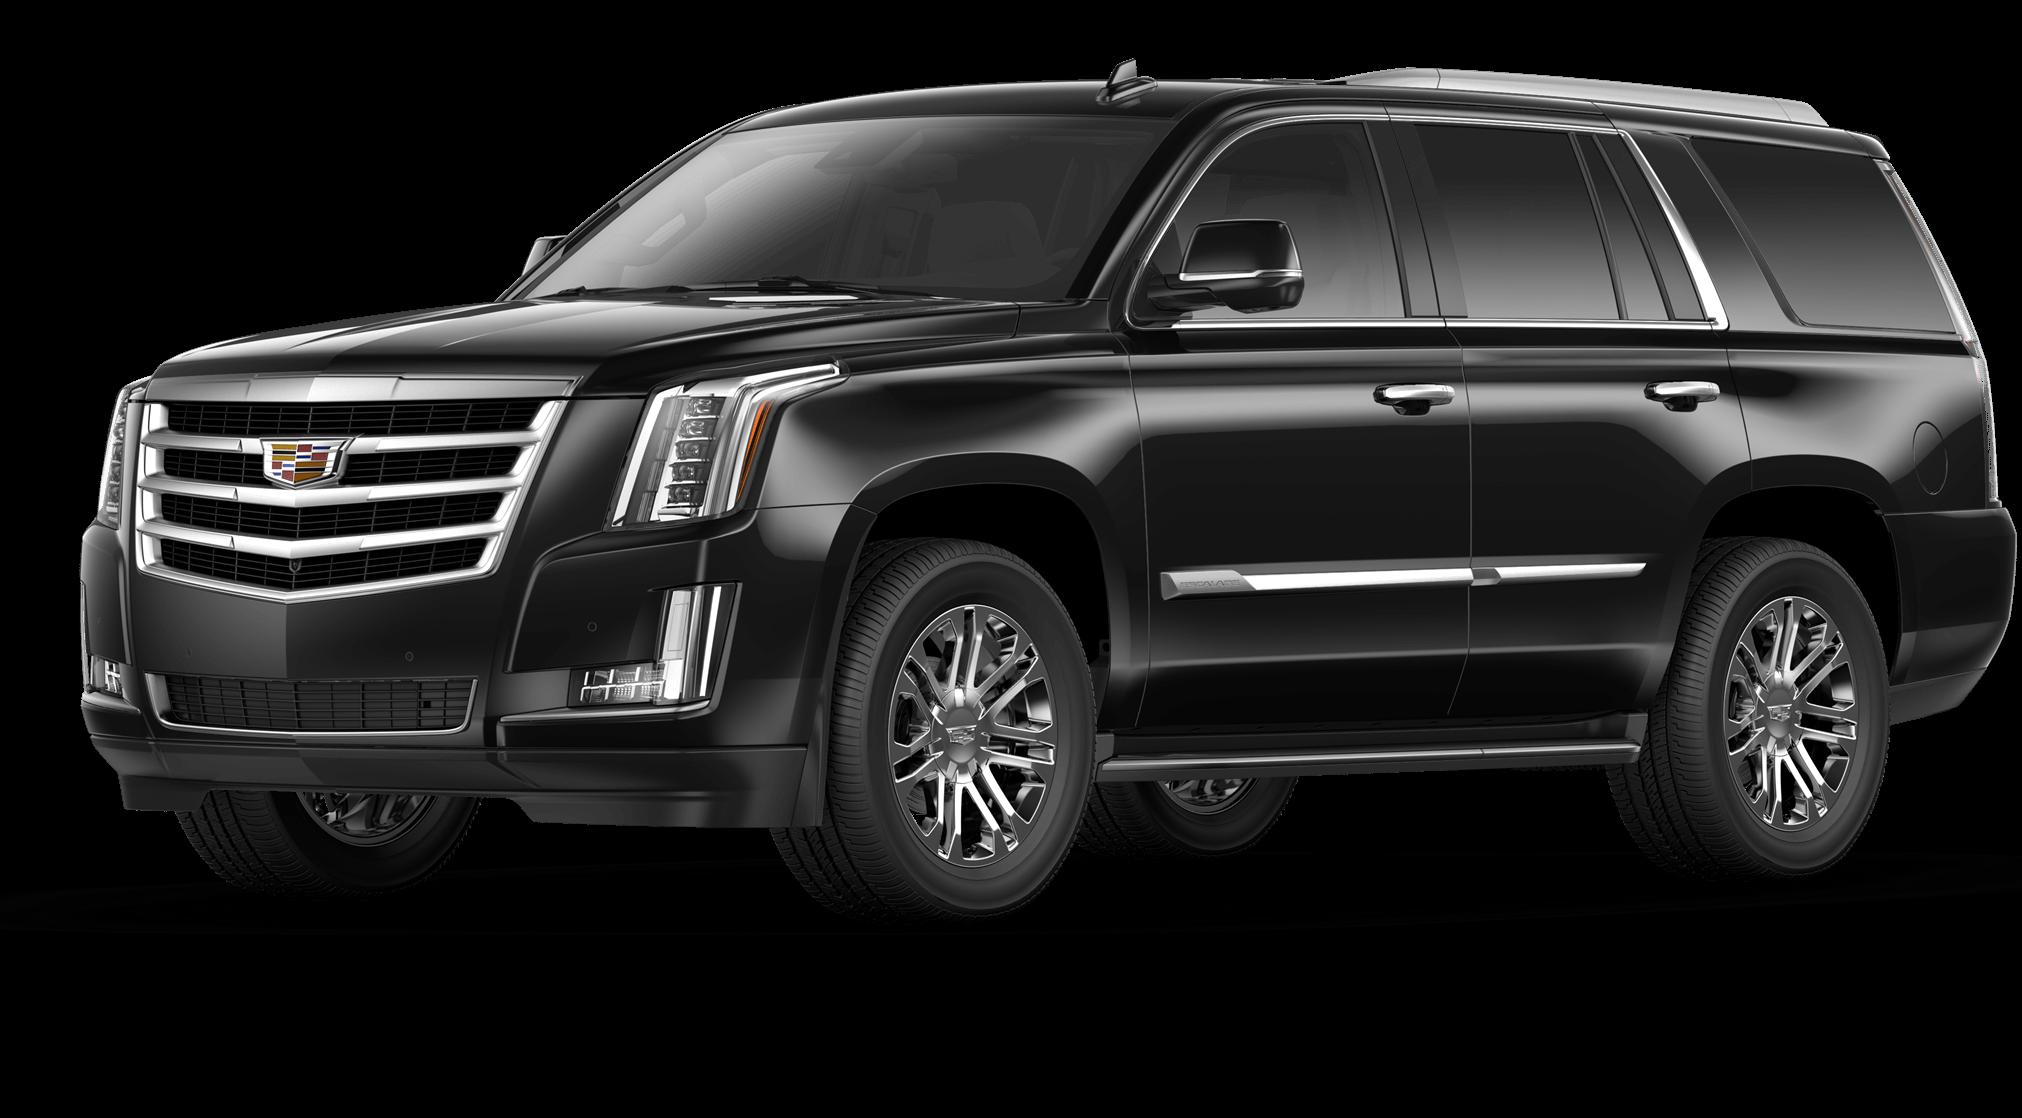 Cadillac PNG Image